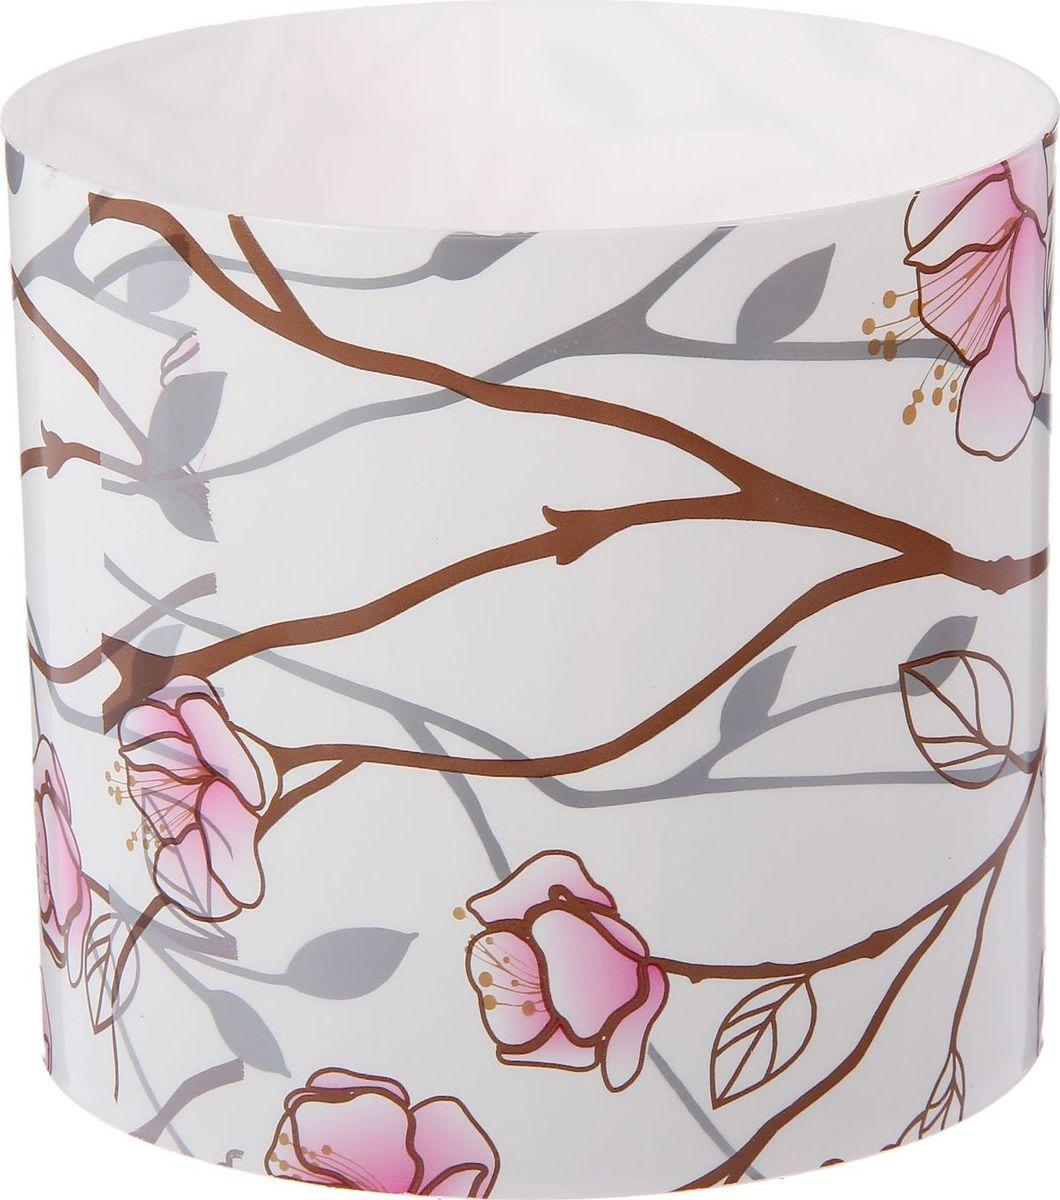 Горшок для цветов Simple Garden Весенние побеги, со скрытым поддоном, цвет: розовый, 1,7 л2265044Любой, даже самый современный и продуманный интерьер будет незавершённым без растений. Они не только очищают воздух и насыщают его кислородом, но и украшают окружающее пространство. Такому полезному члену семьи просто необходим красивый и функциональный дом! Мы предлагаем #name#! Оптимальный выбор материала — пластмасса! Почему мы так считаем?Малый вес. С лёгкостью переносите горшки и кашпо с места на место, ставьте их на столики или полки, не беспокоясь о нагрузке. Простота ухода. Кашпо не нуждается в специальных условиях хранения. Его легко чистить — достаточно просто сполоснуть тёплой водой. Никаких потёртостей. Такие кашпо не царапают и не загрязняют поверхности, на которых стоят. Пластик дольше хранит влагу, а значит, растение реже нуждается в поливе. Пластмасса не пропускает воздух — корневой системе растения не грозят резкие перепады температур. Огромный выбор форм, декора и расцветок — вы без труда найдёте что-то, что идеально впишется в уже существующий интерьер. Соблюдая нехитрые правила ухода, вы можете заметно продлить срок службы горшков и кашпо из пластика:всегда учитывайте размер кроны и корневой системы (при разрастании большое растение способно повредить маленький горшок)берегите изделие от воздействия прямых солнечных лучей, чтобы горшки не выцветалидержите кашпо из пластика подальше от нагревающихся поверхностей. Создавайте прекрасные цветочные композиции, выращивайте рассаду или необычные растения.